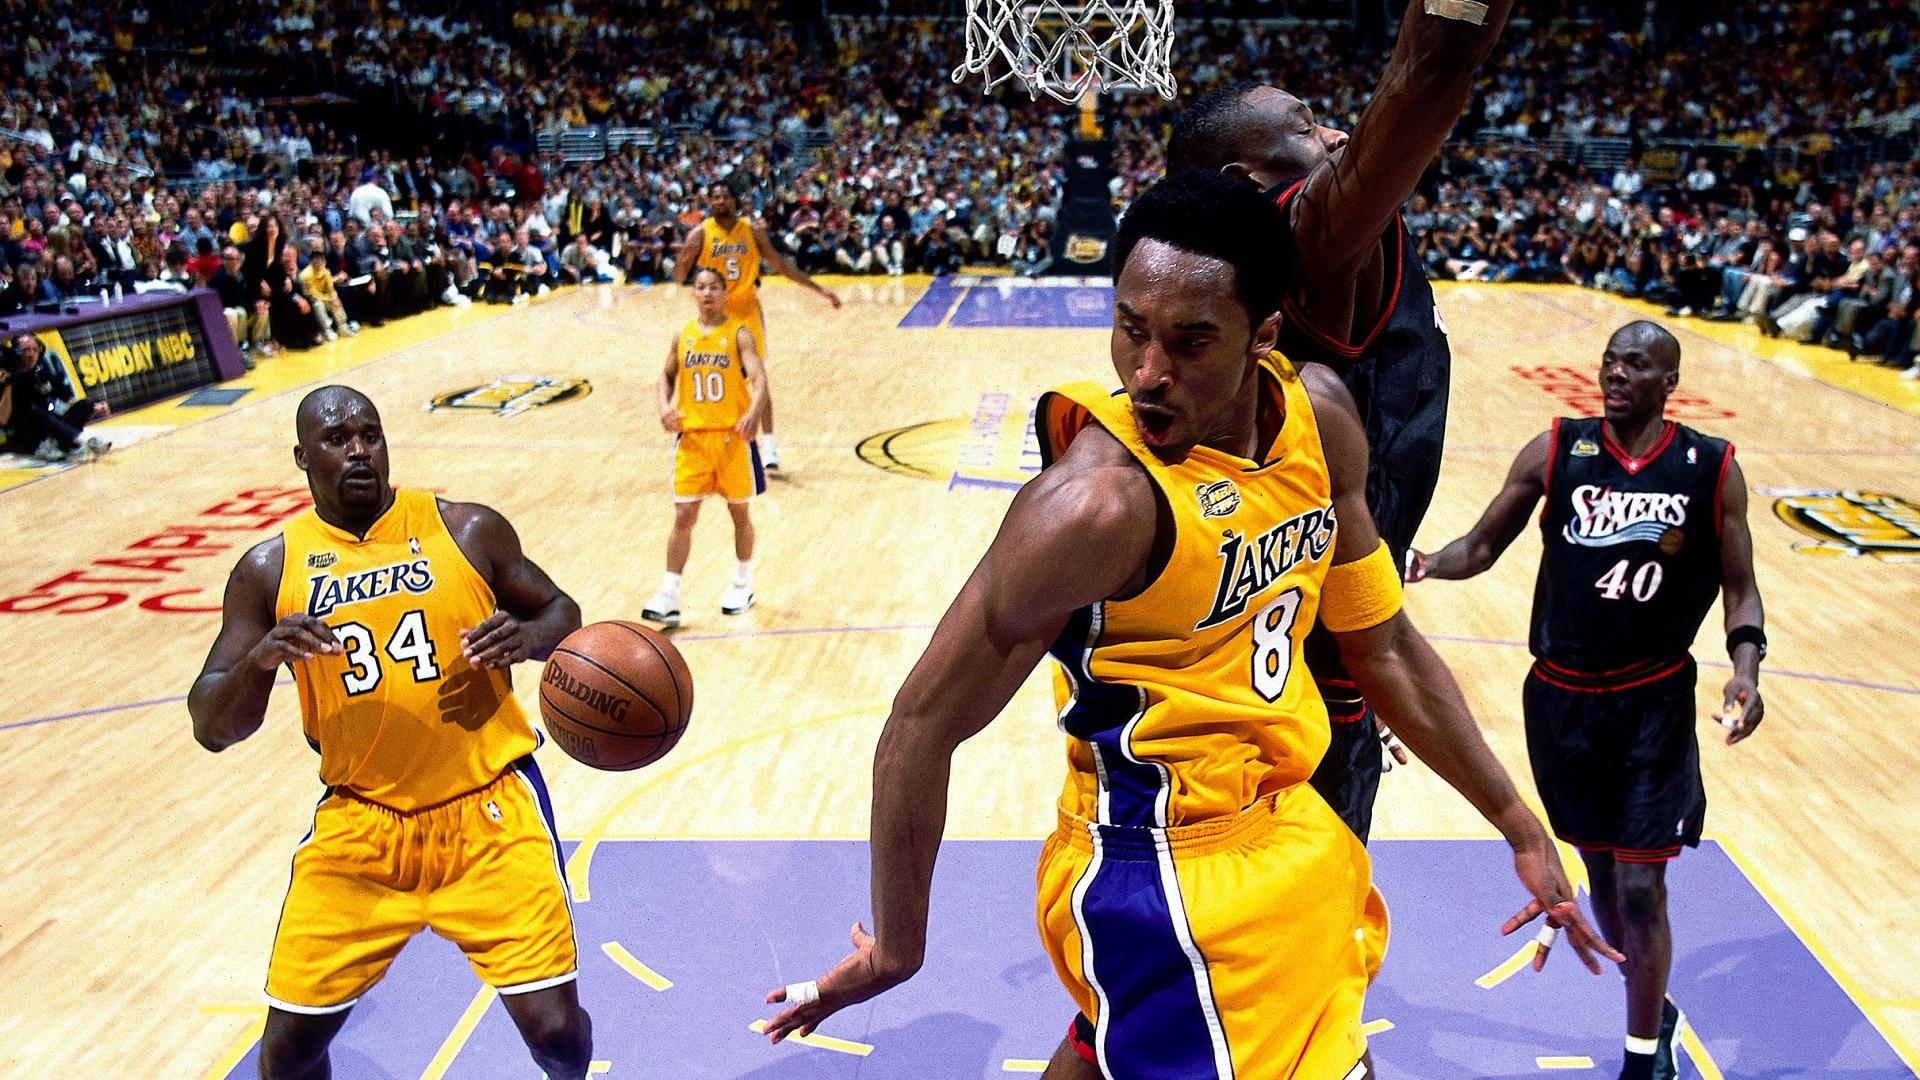 NBA Top Moments: 2000s